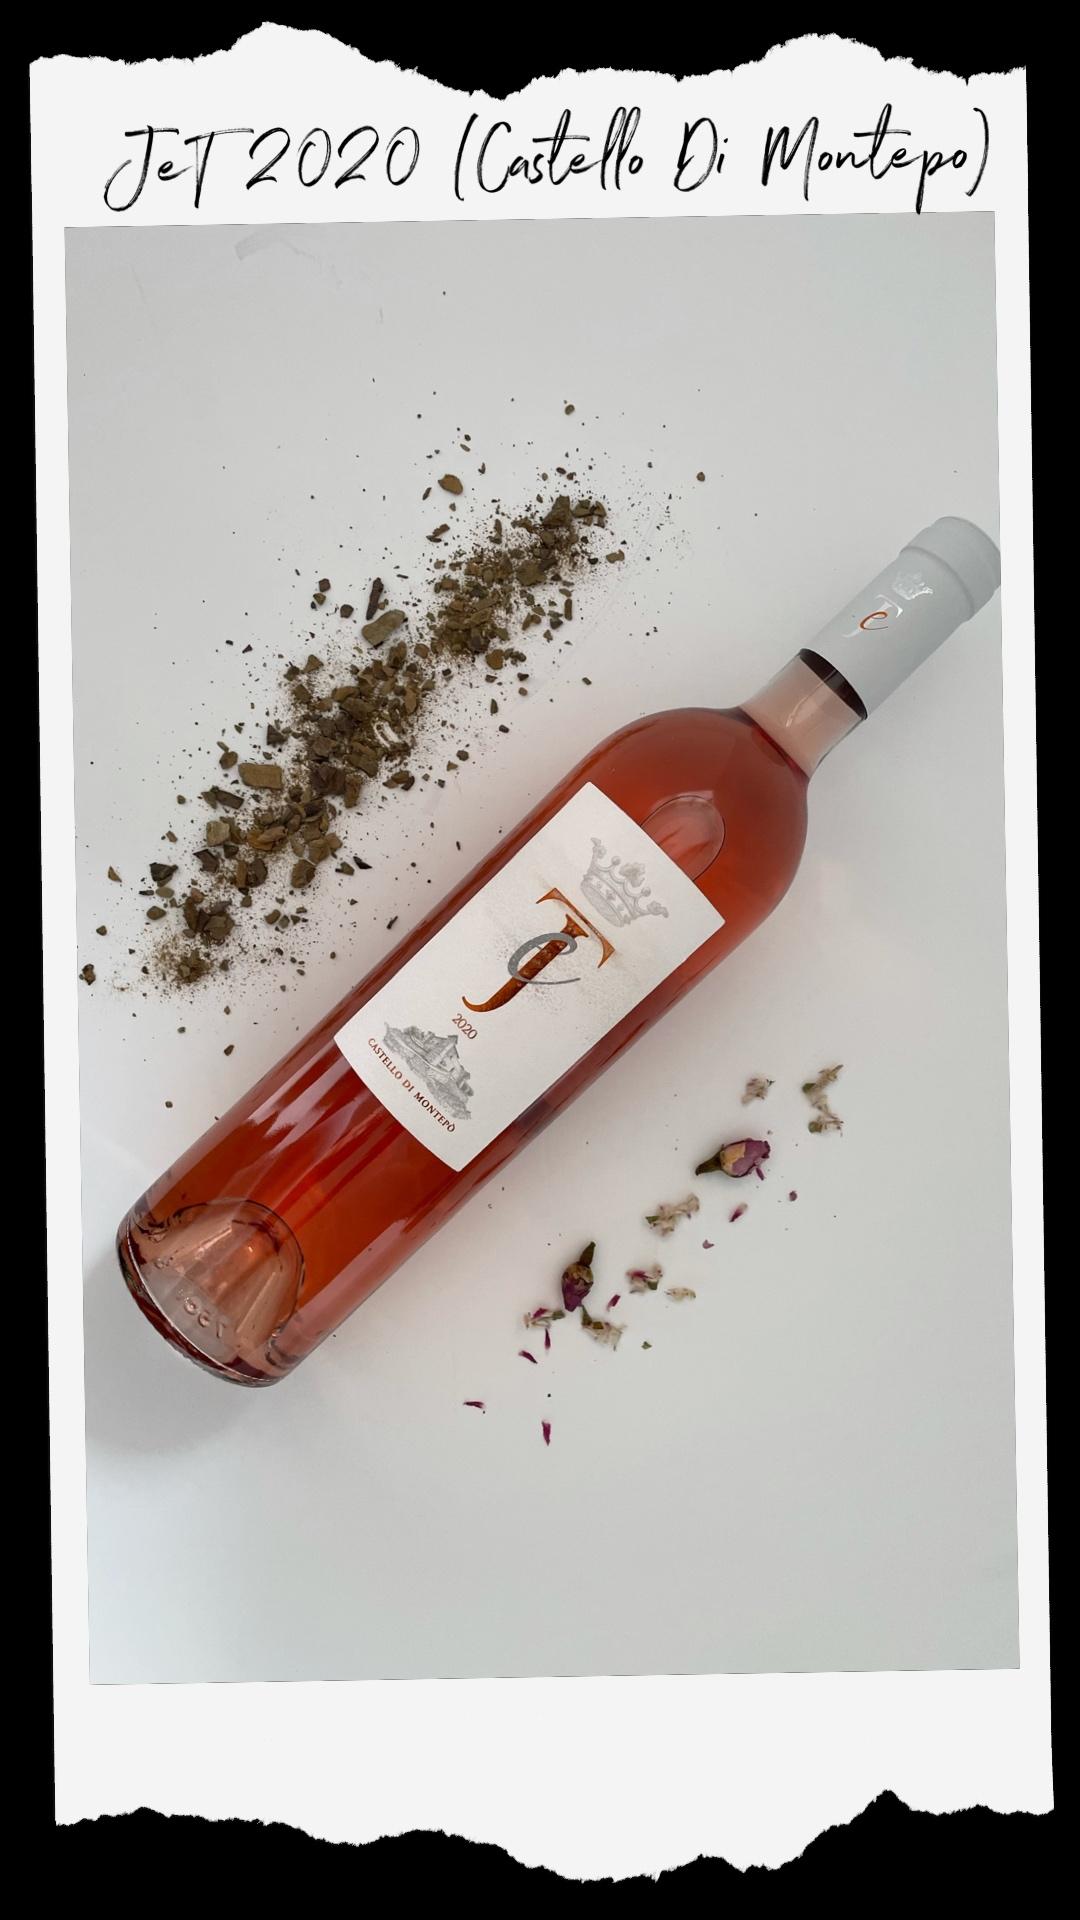 JeT 2020 Wine Launch [Castello Di Montepo]